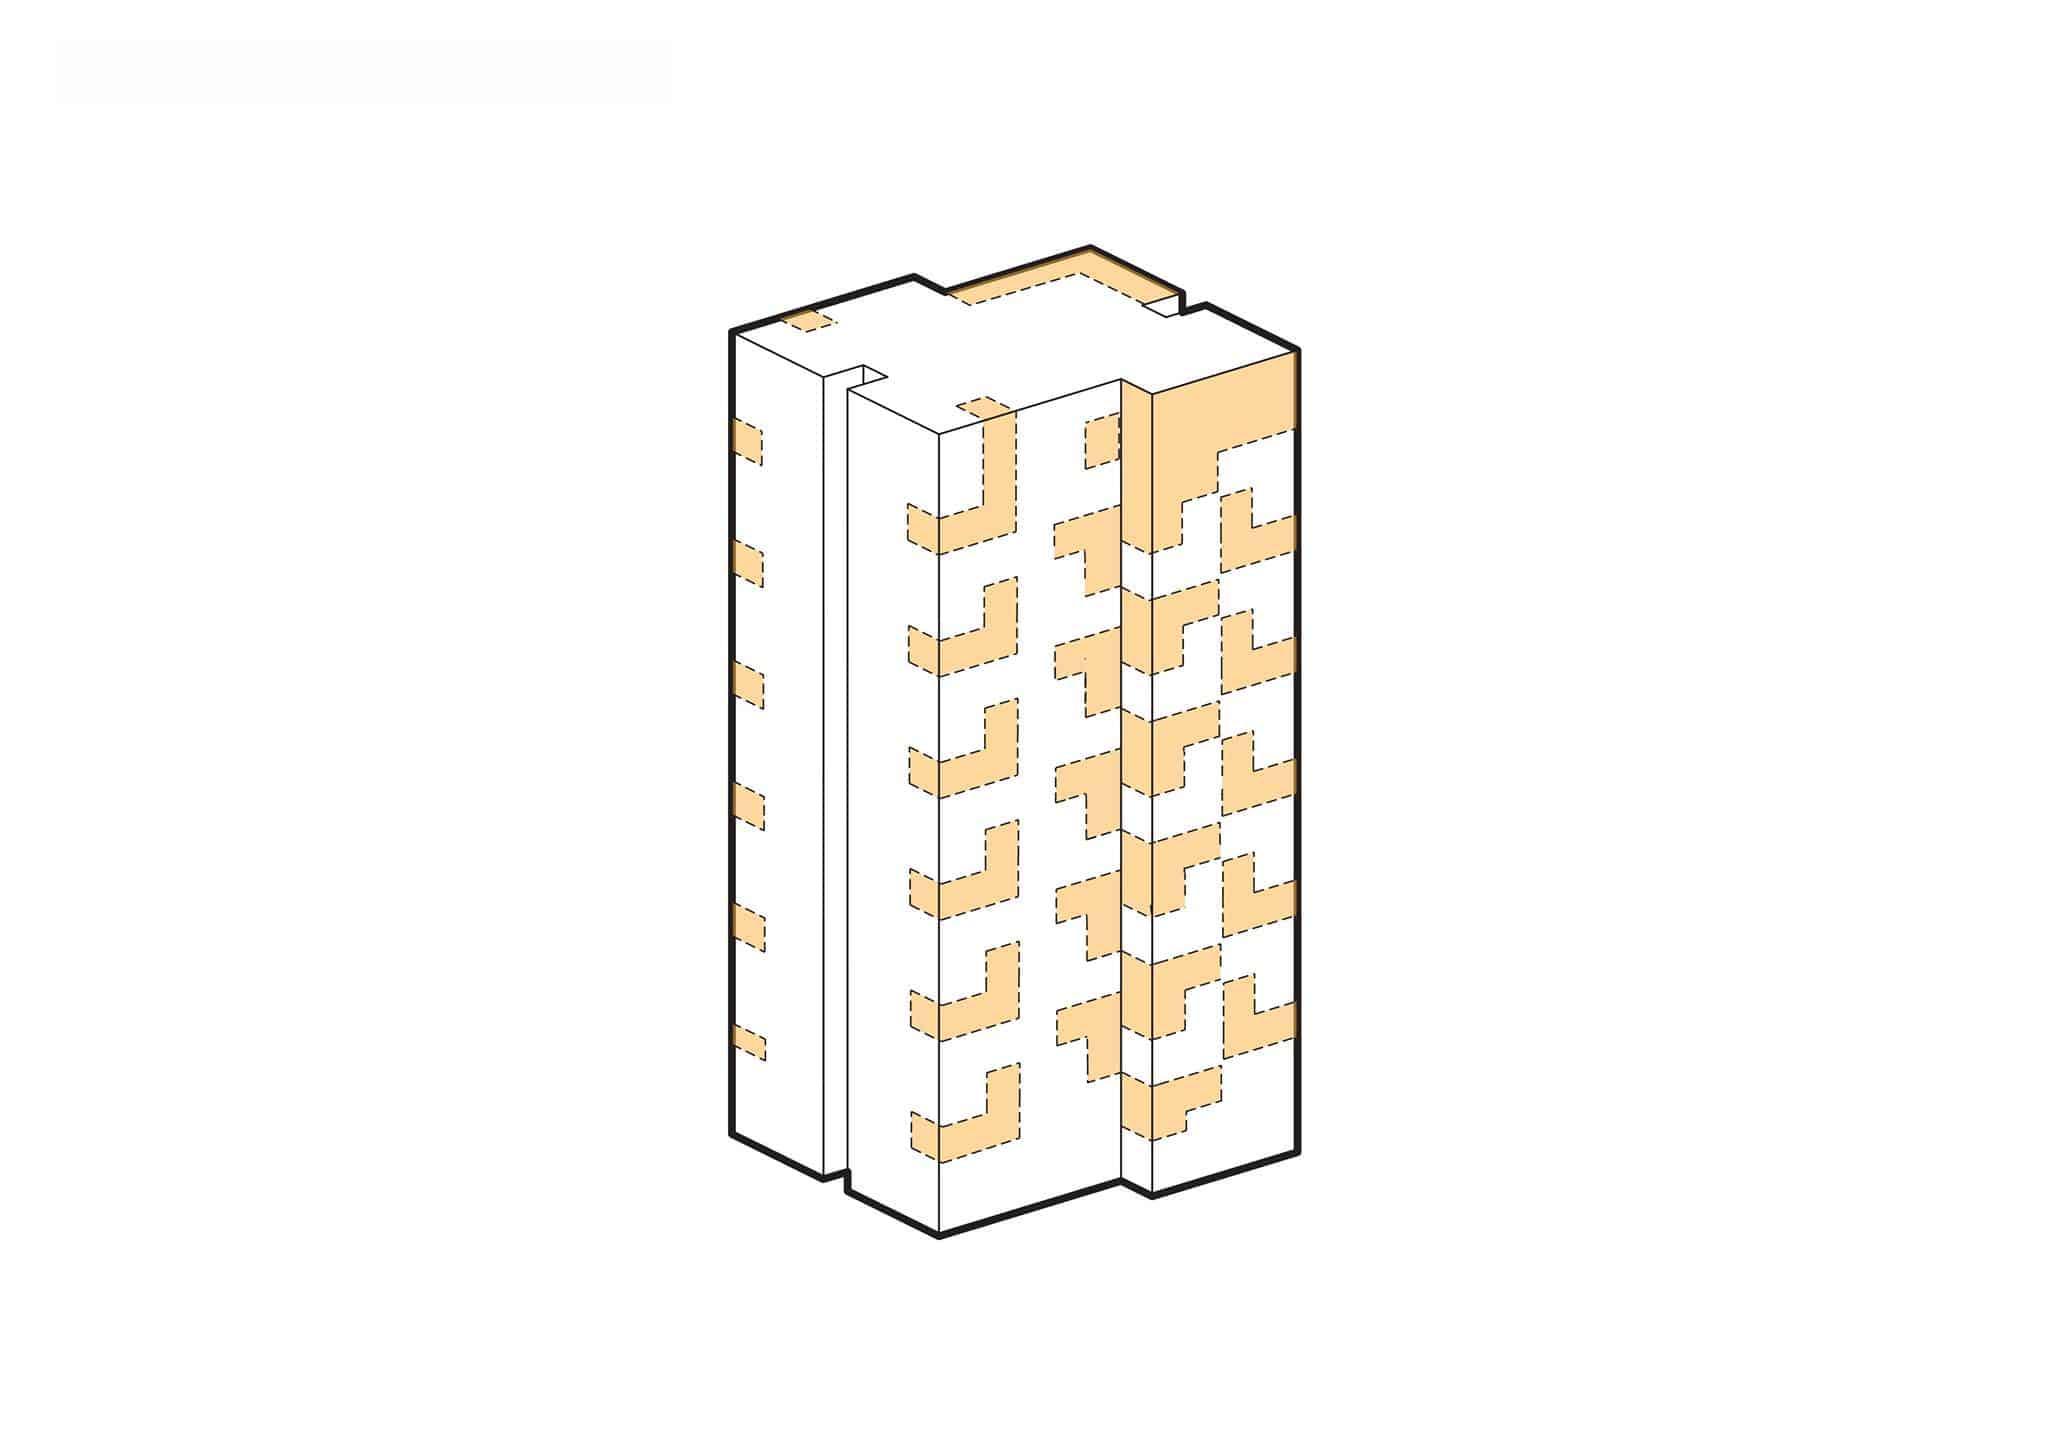 בונים מגדלי מגורים עם סקצ'אפ וזוכים בתחרויות! 8